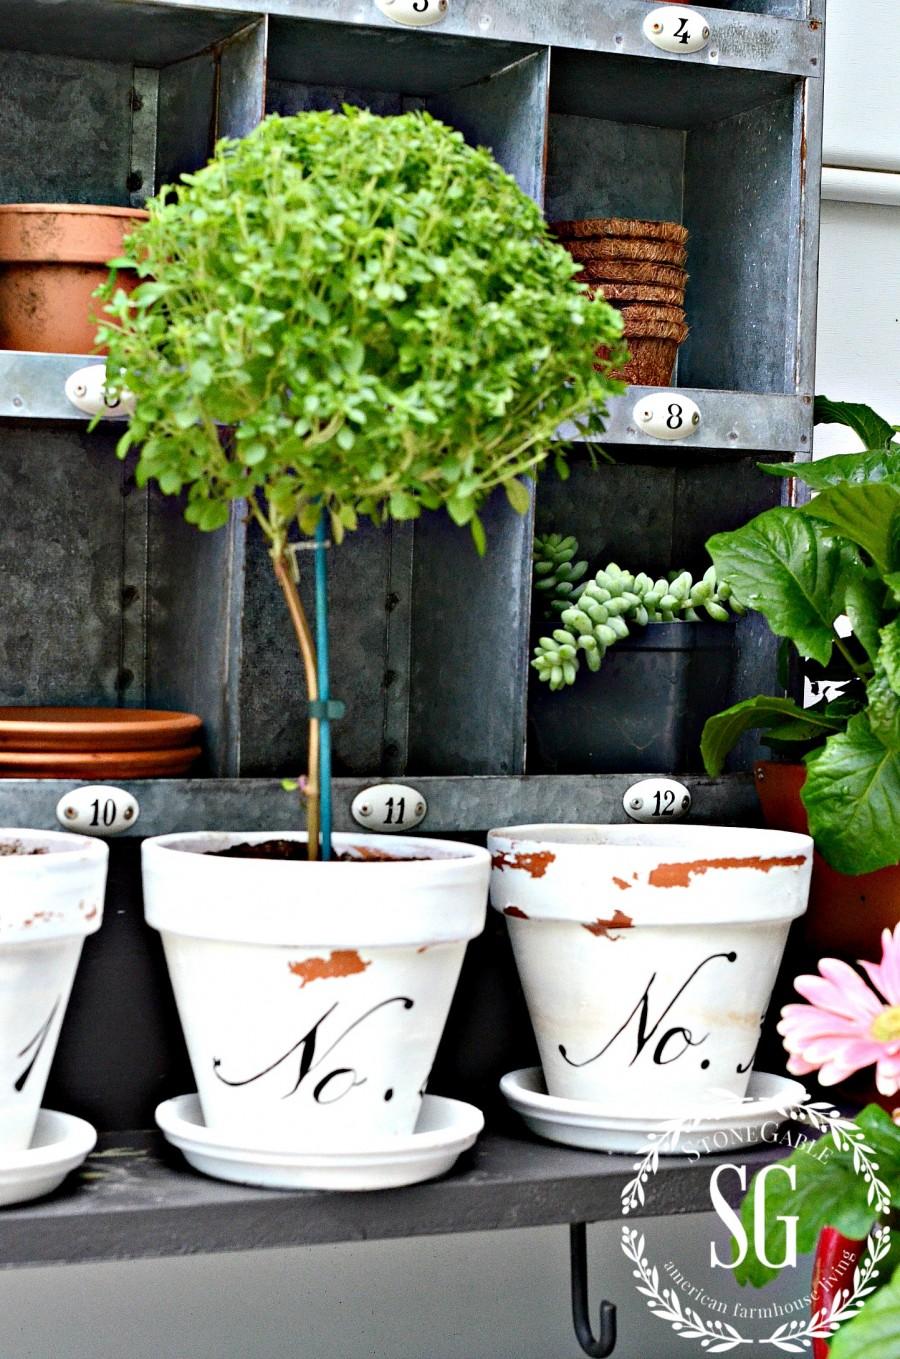 SUMMER POTTING BENCH-tiny basil tree-terracotta pot-stonegableblog.com